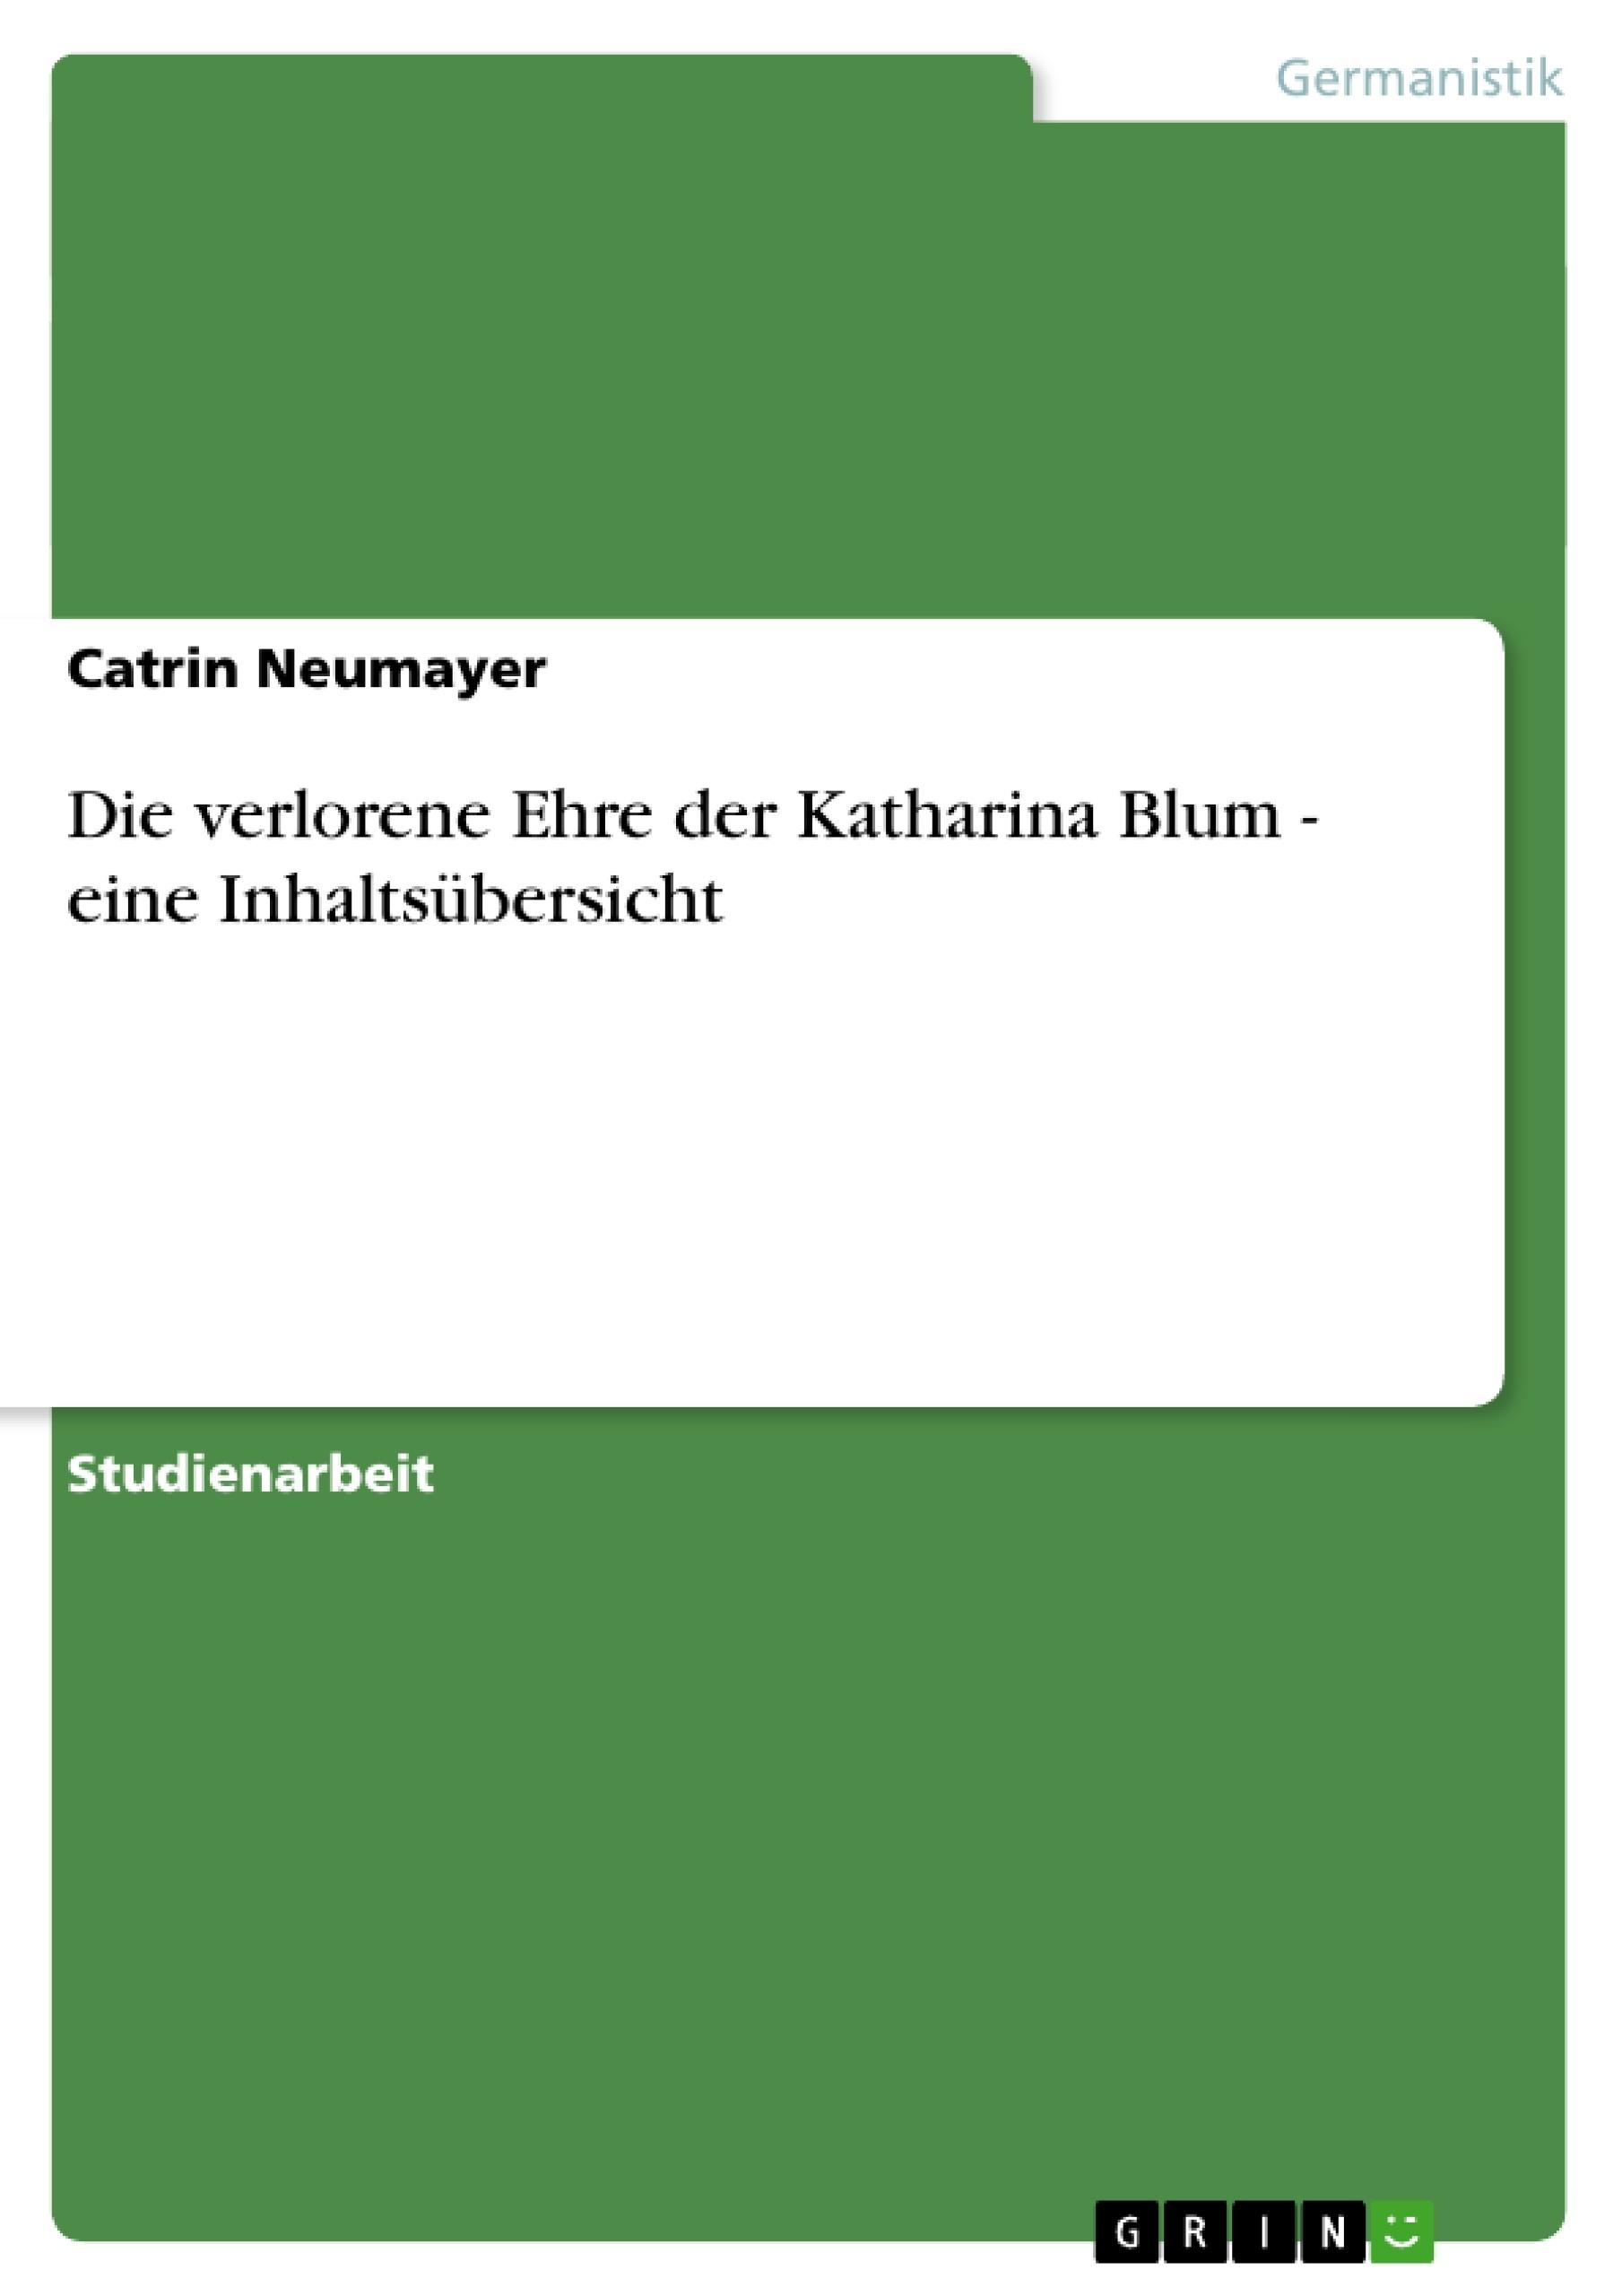 Titel: Die verlorene Ehre der Katharina Blum - eine Inhaltsübersicht